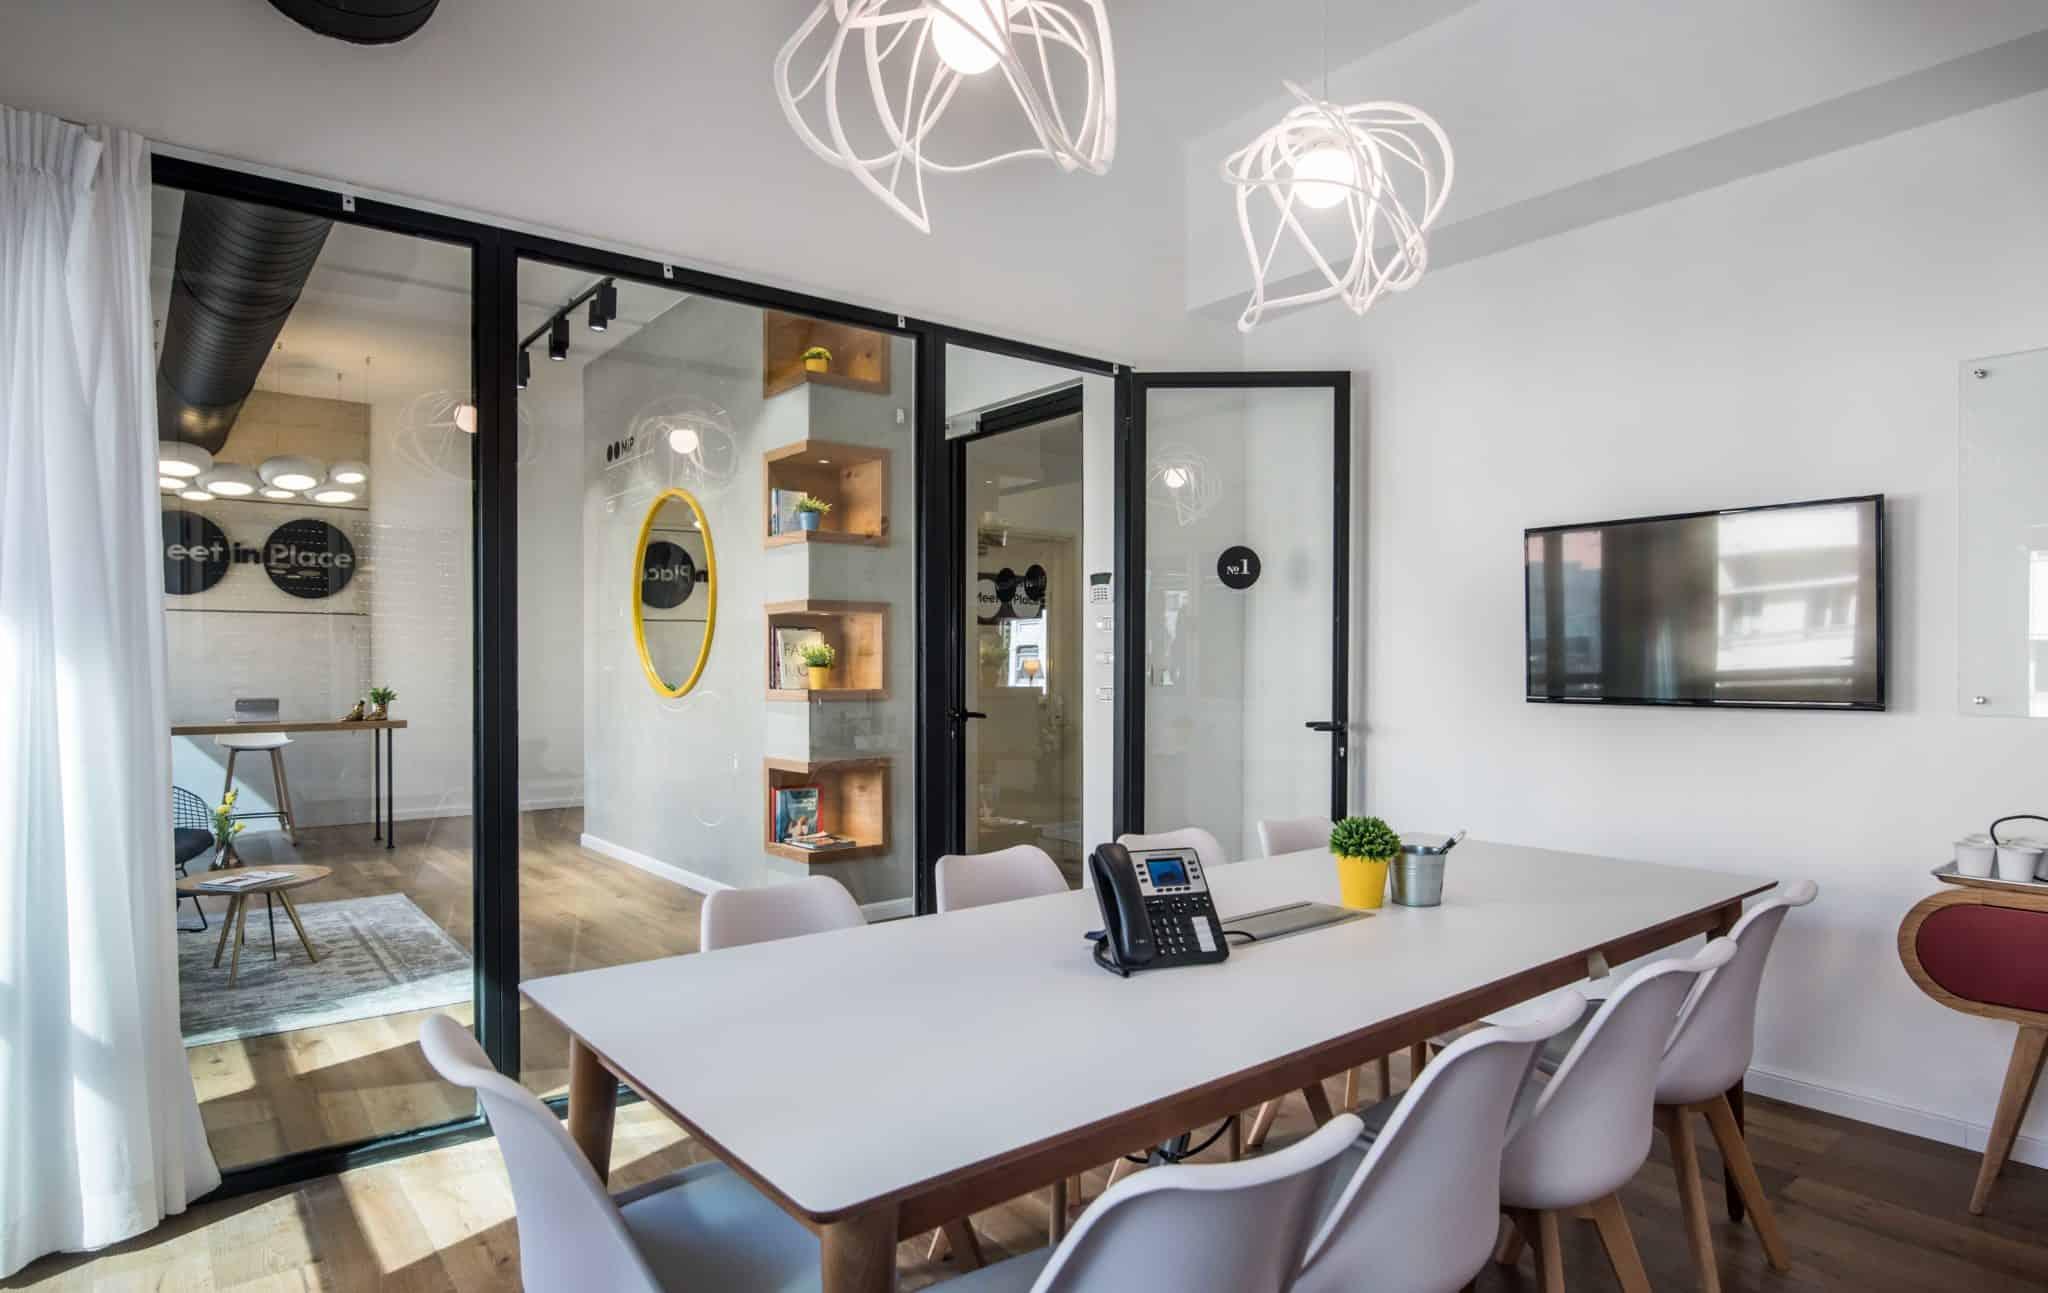 חדרי ישיבות בתל אביב – המקום הכי חם בעולם העסקים